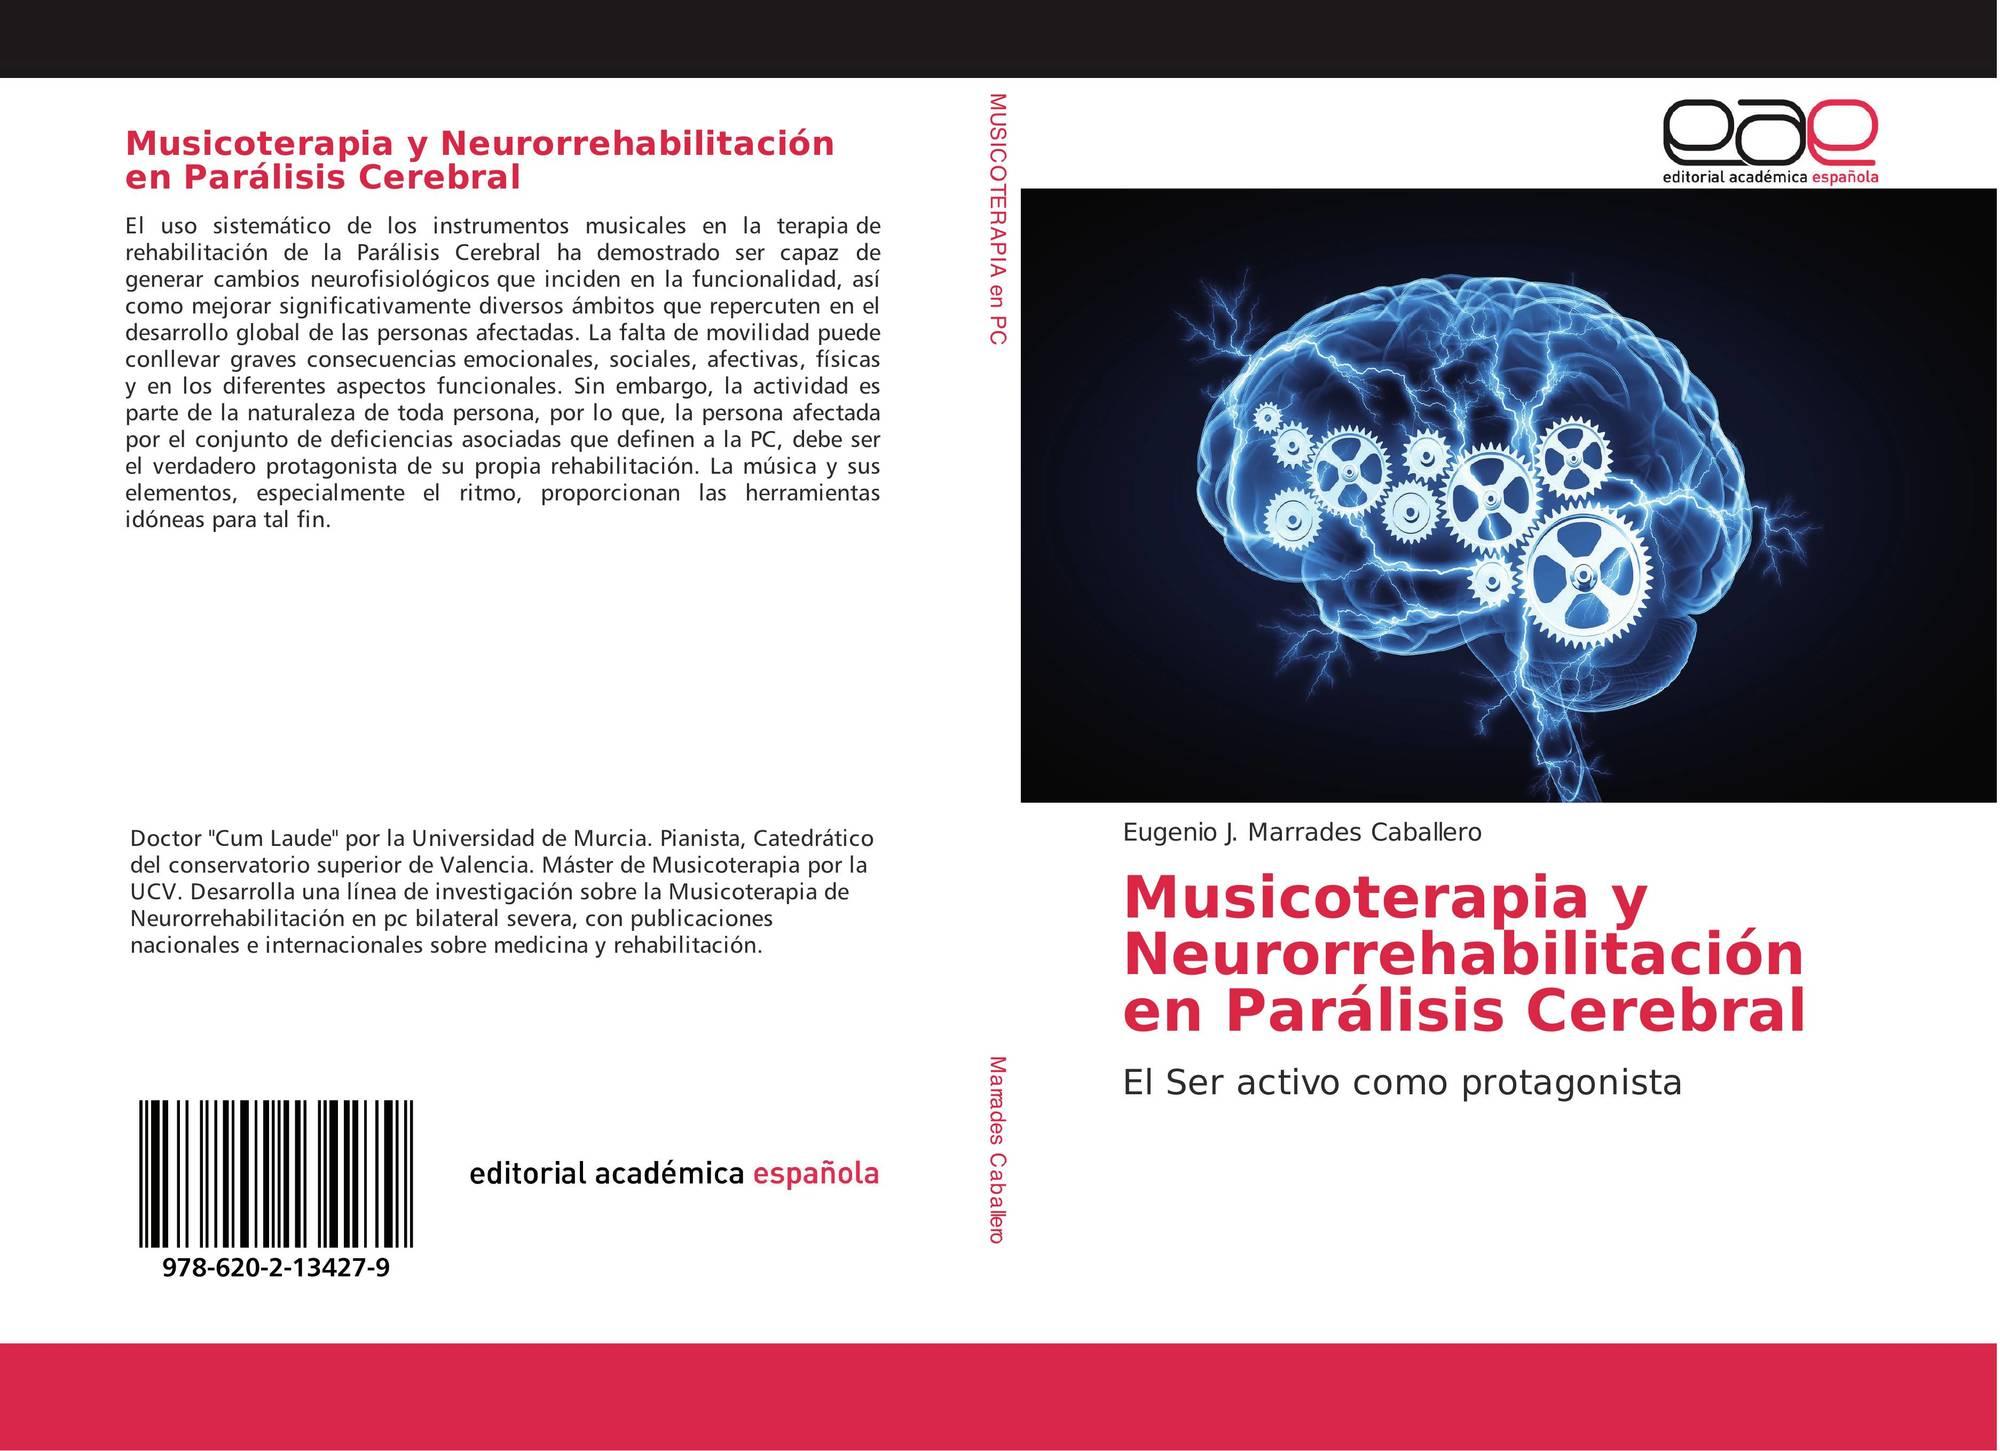 Musicoterapia y Neurorrehabilitación en Parálisis Cerebral, 978-620 ...